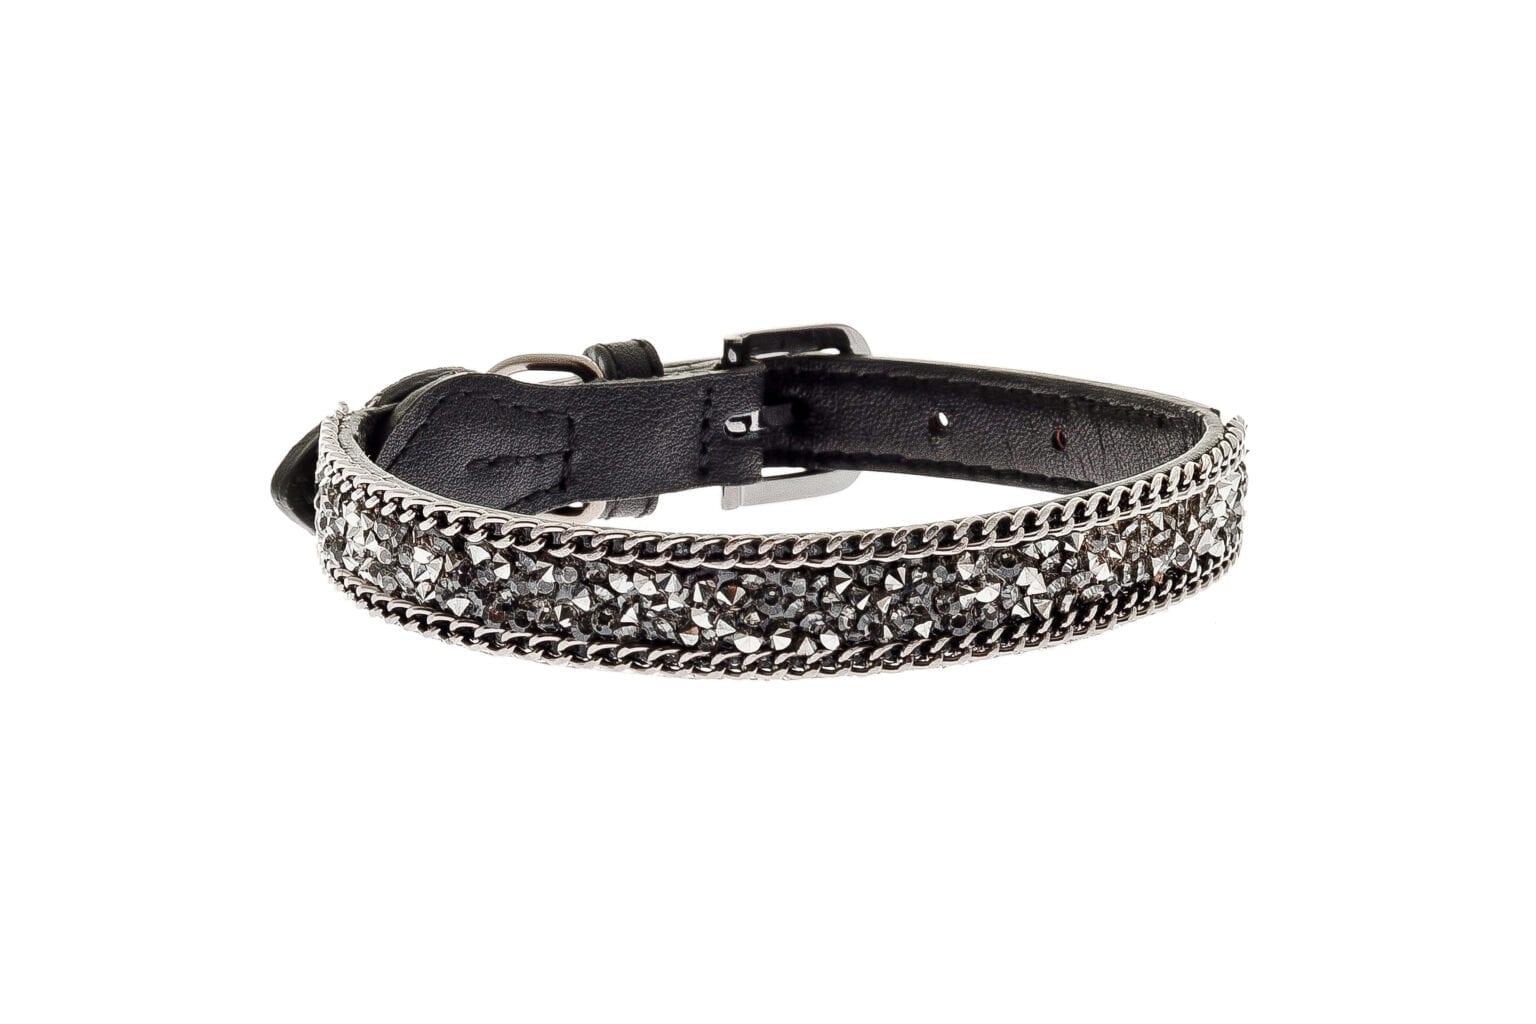 Kožna ogrlica za pse Brilli 32cm - 37cm